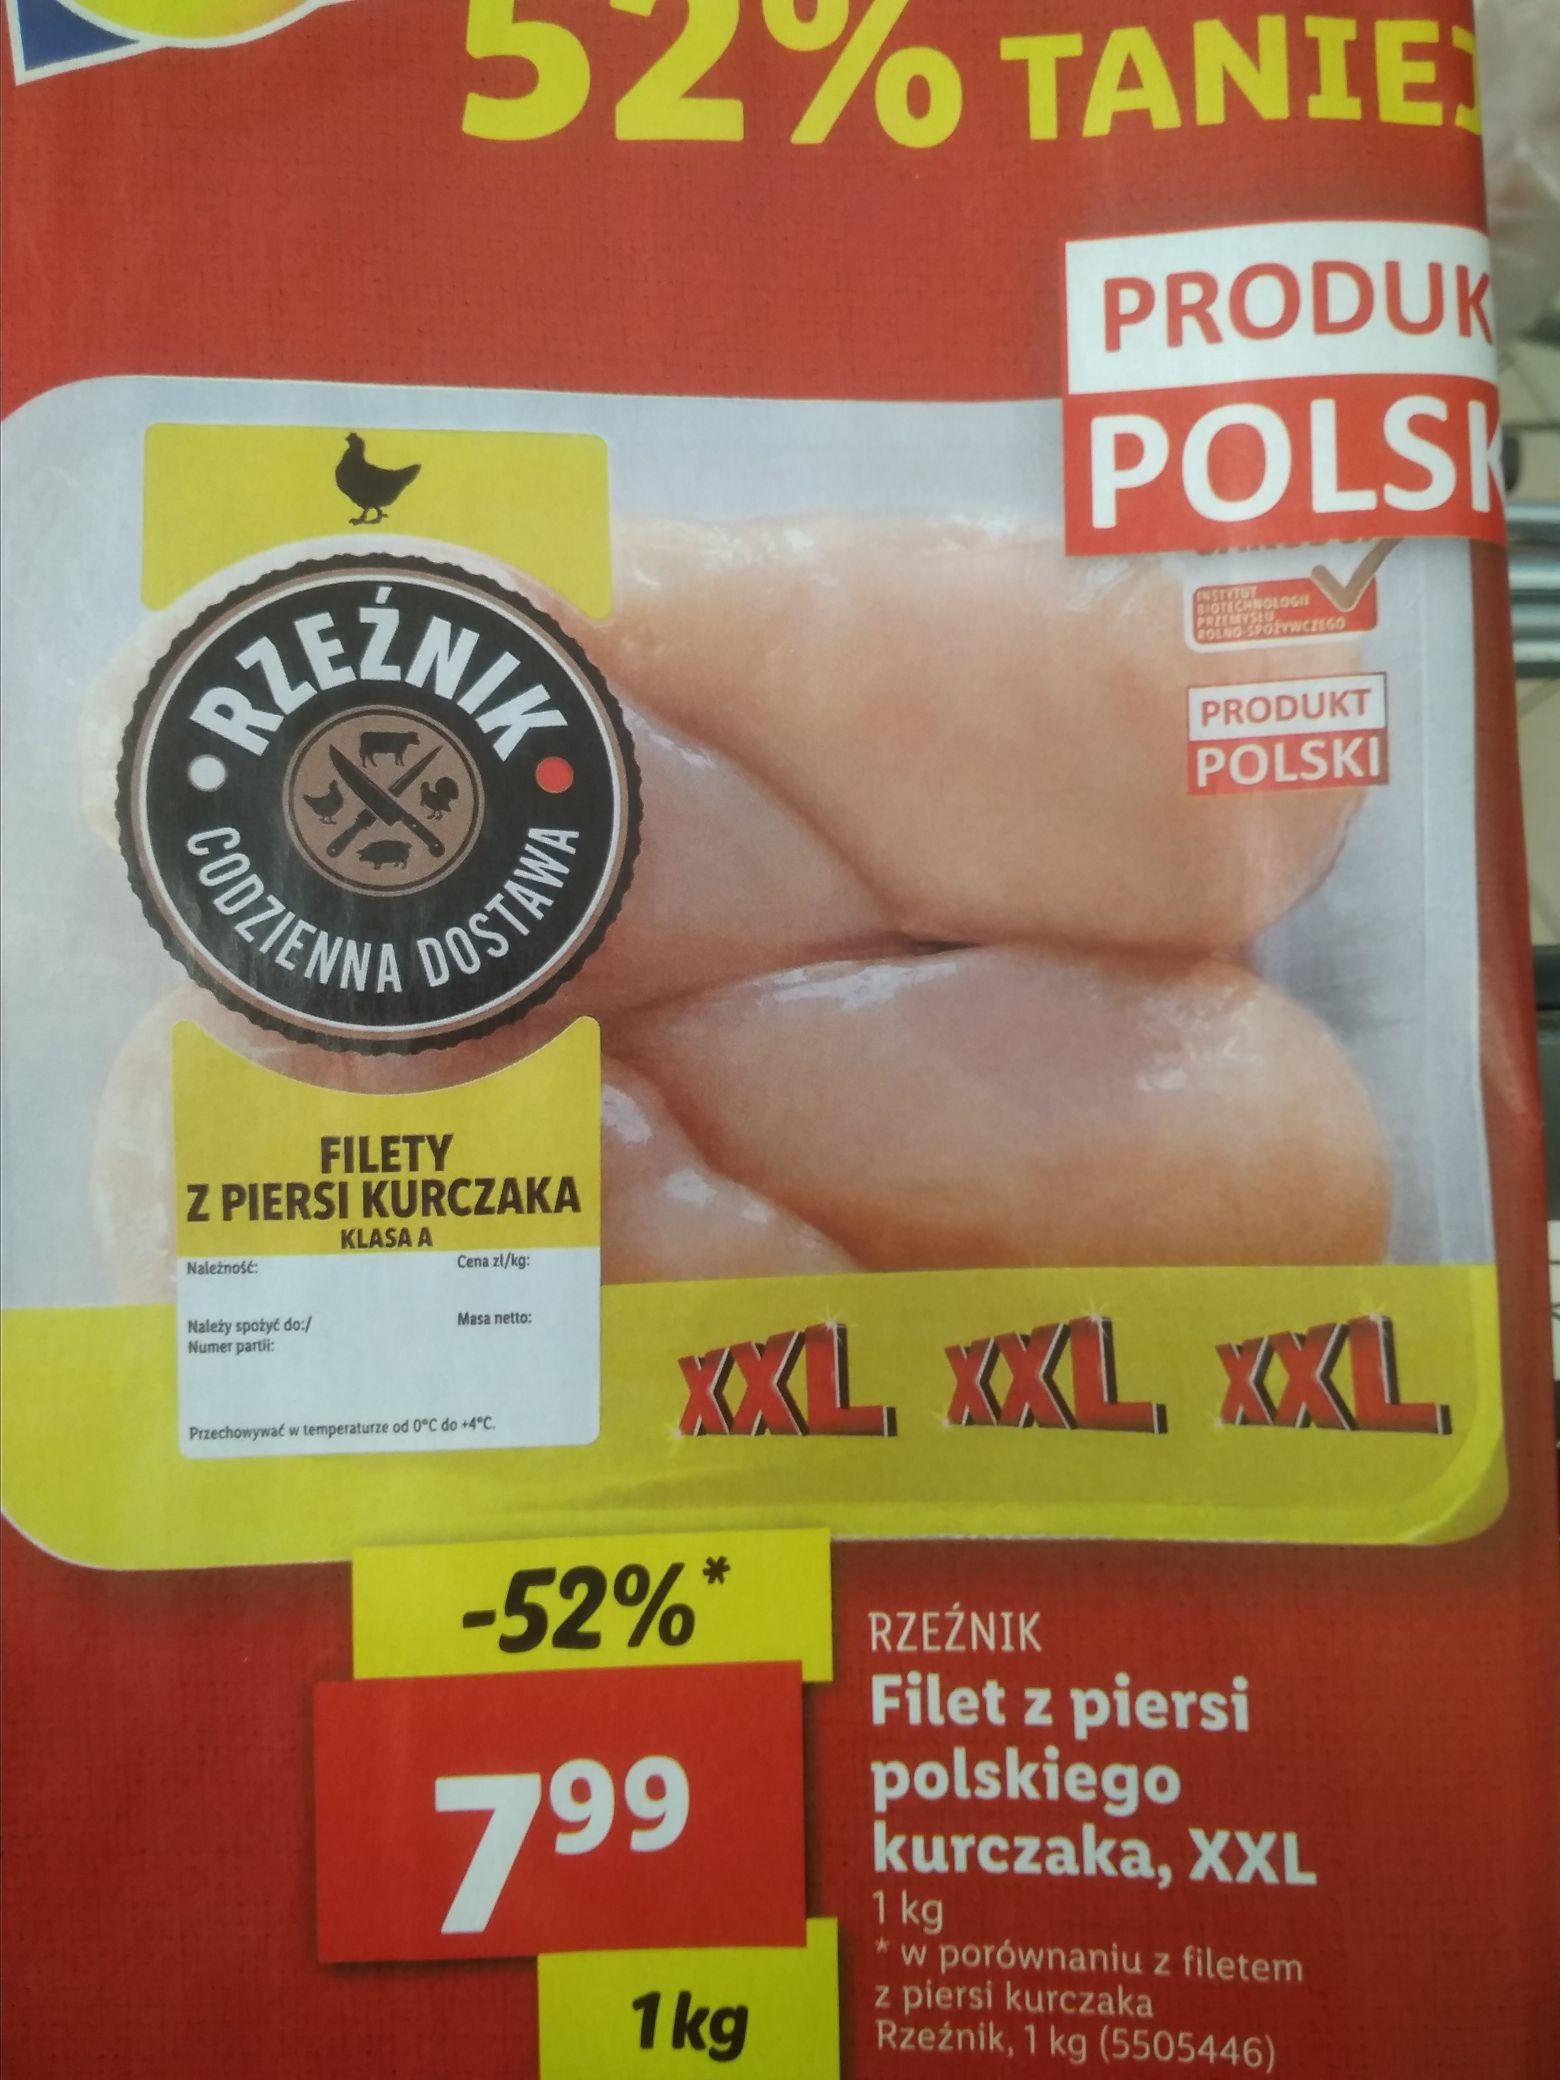 Filet z piersi z kurczaka 7.99 kg. Lidl.